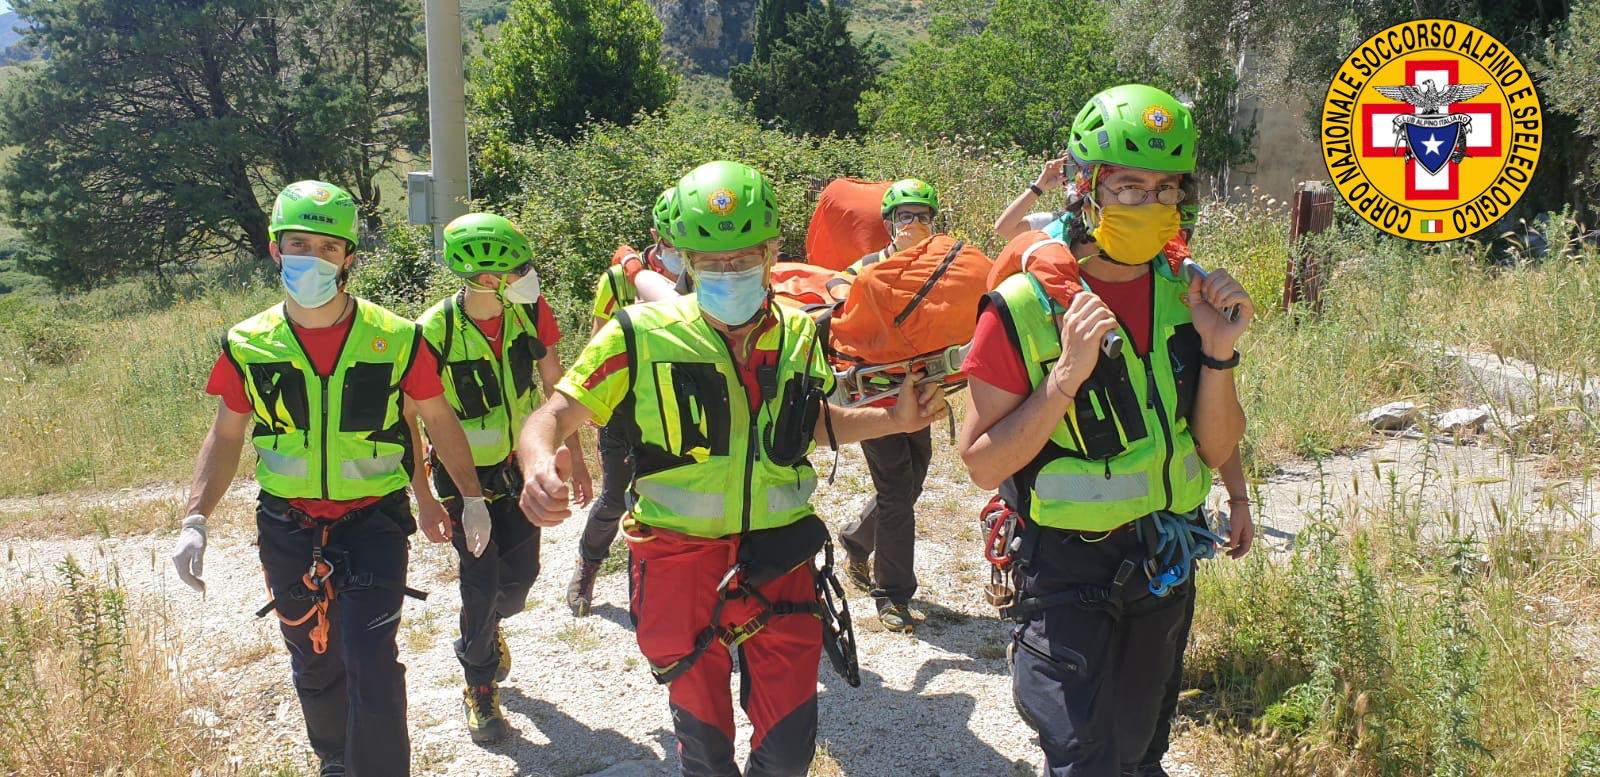 """Escursionisti dispersi e feriti: interventi del Soccorso Alpino """"Palermo Madonie"""""""